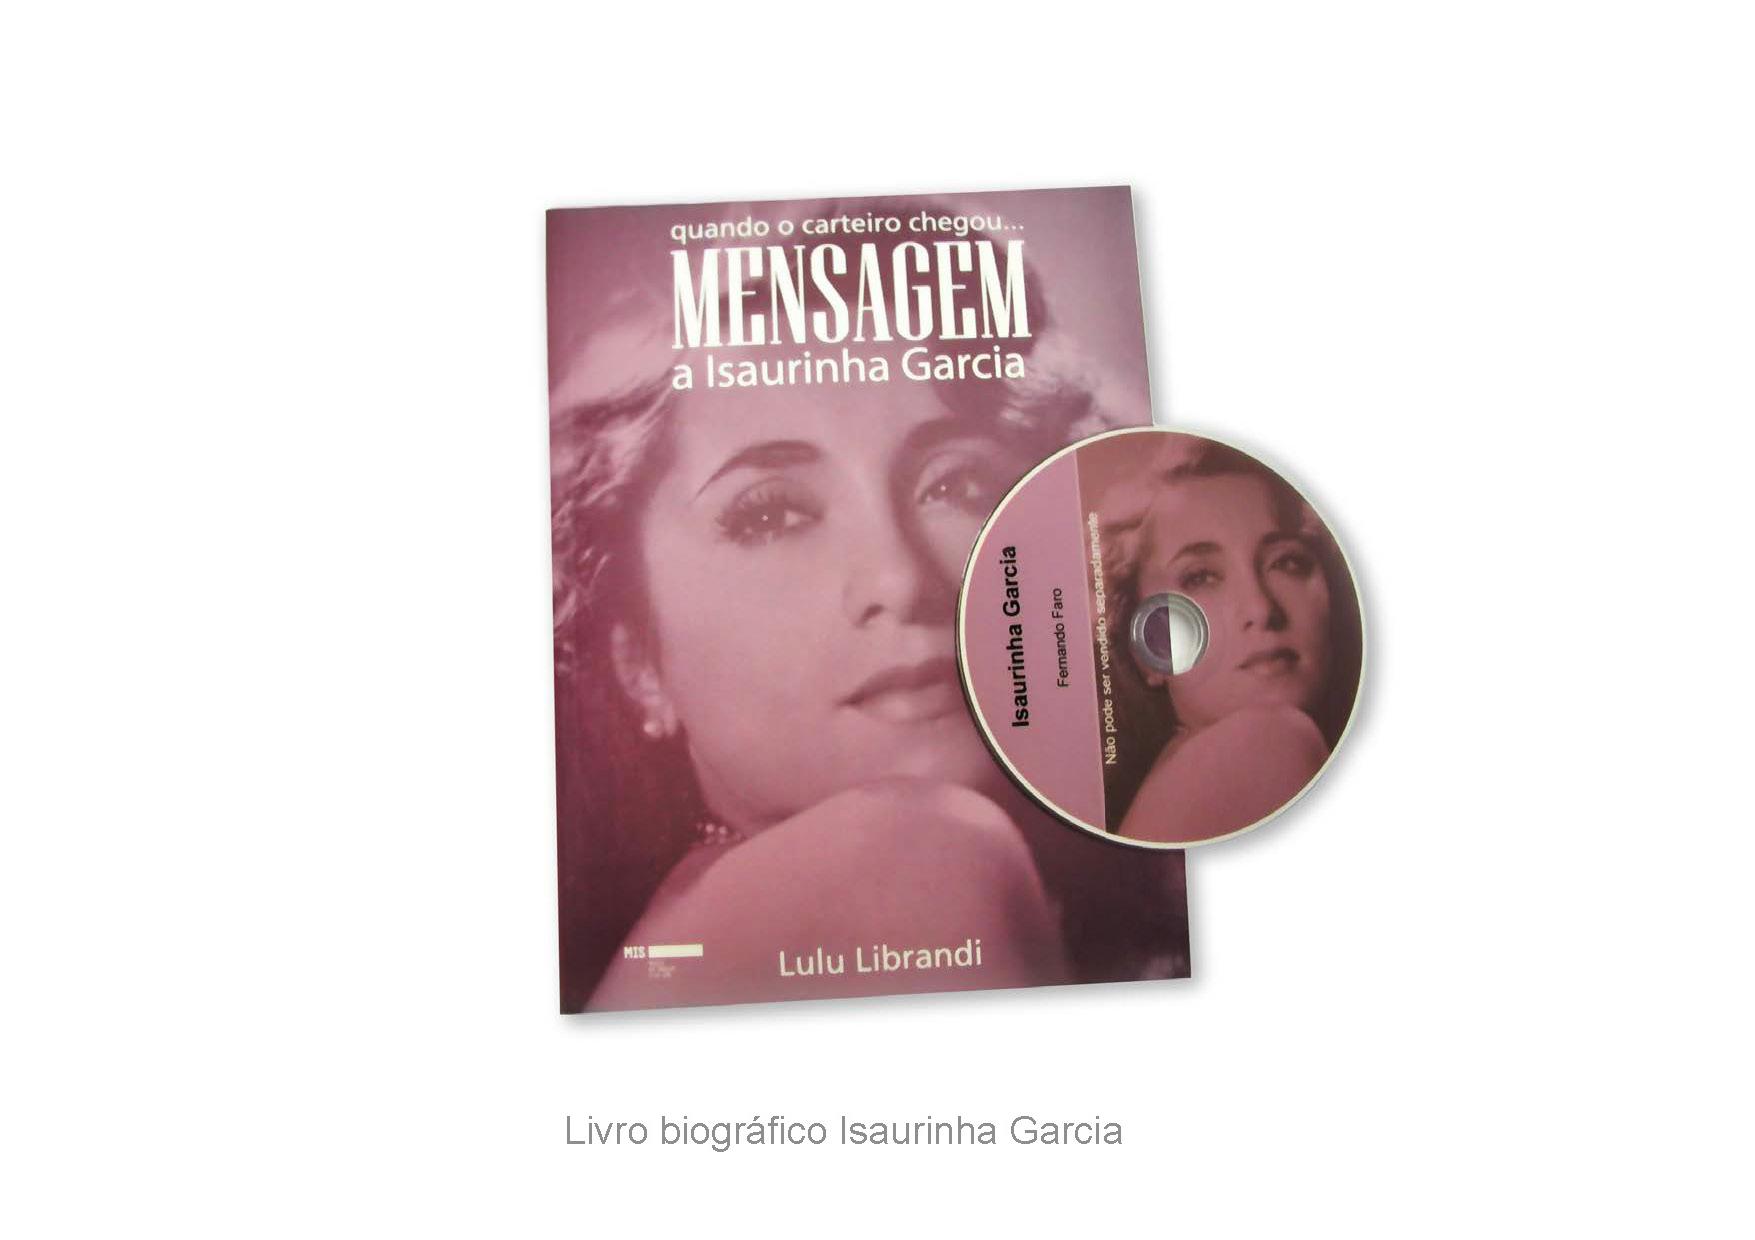 Livro Isaurinha Garcia